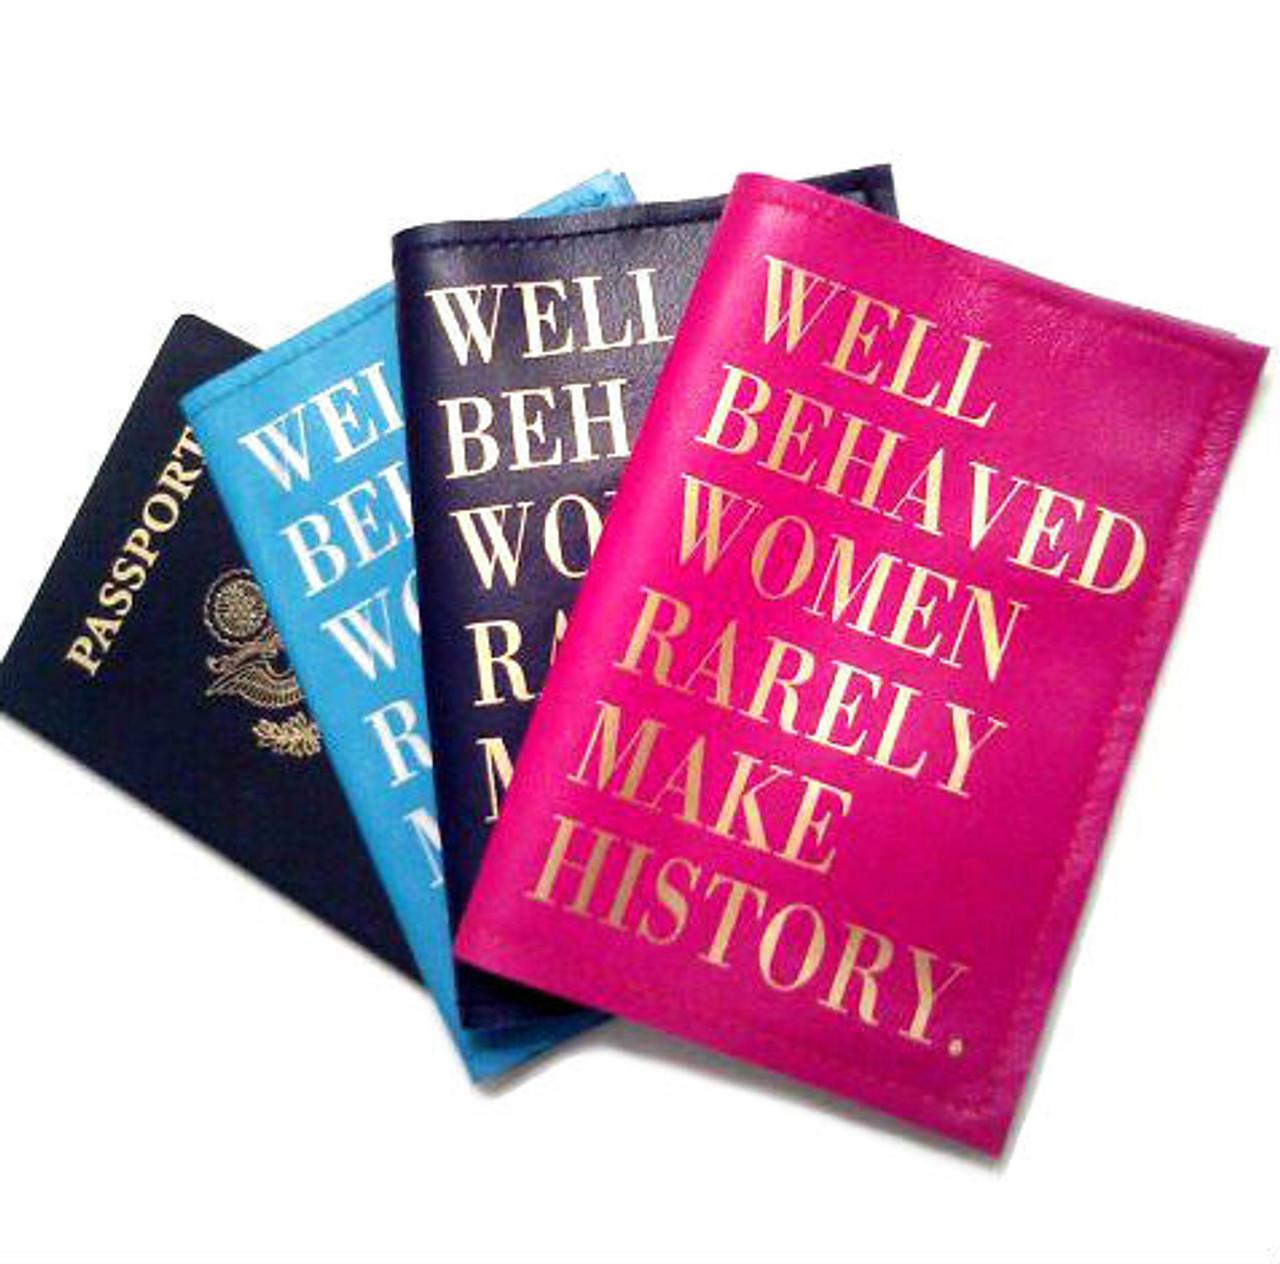 7d930d66a1ab Well Behaved Women Rarely Make History Passport Holder